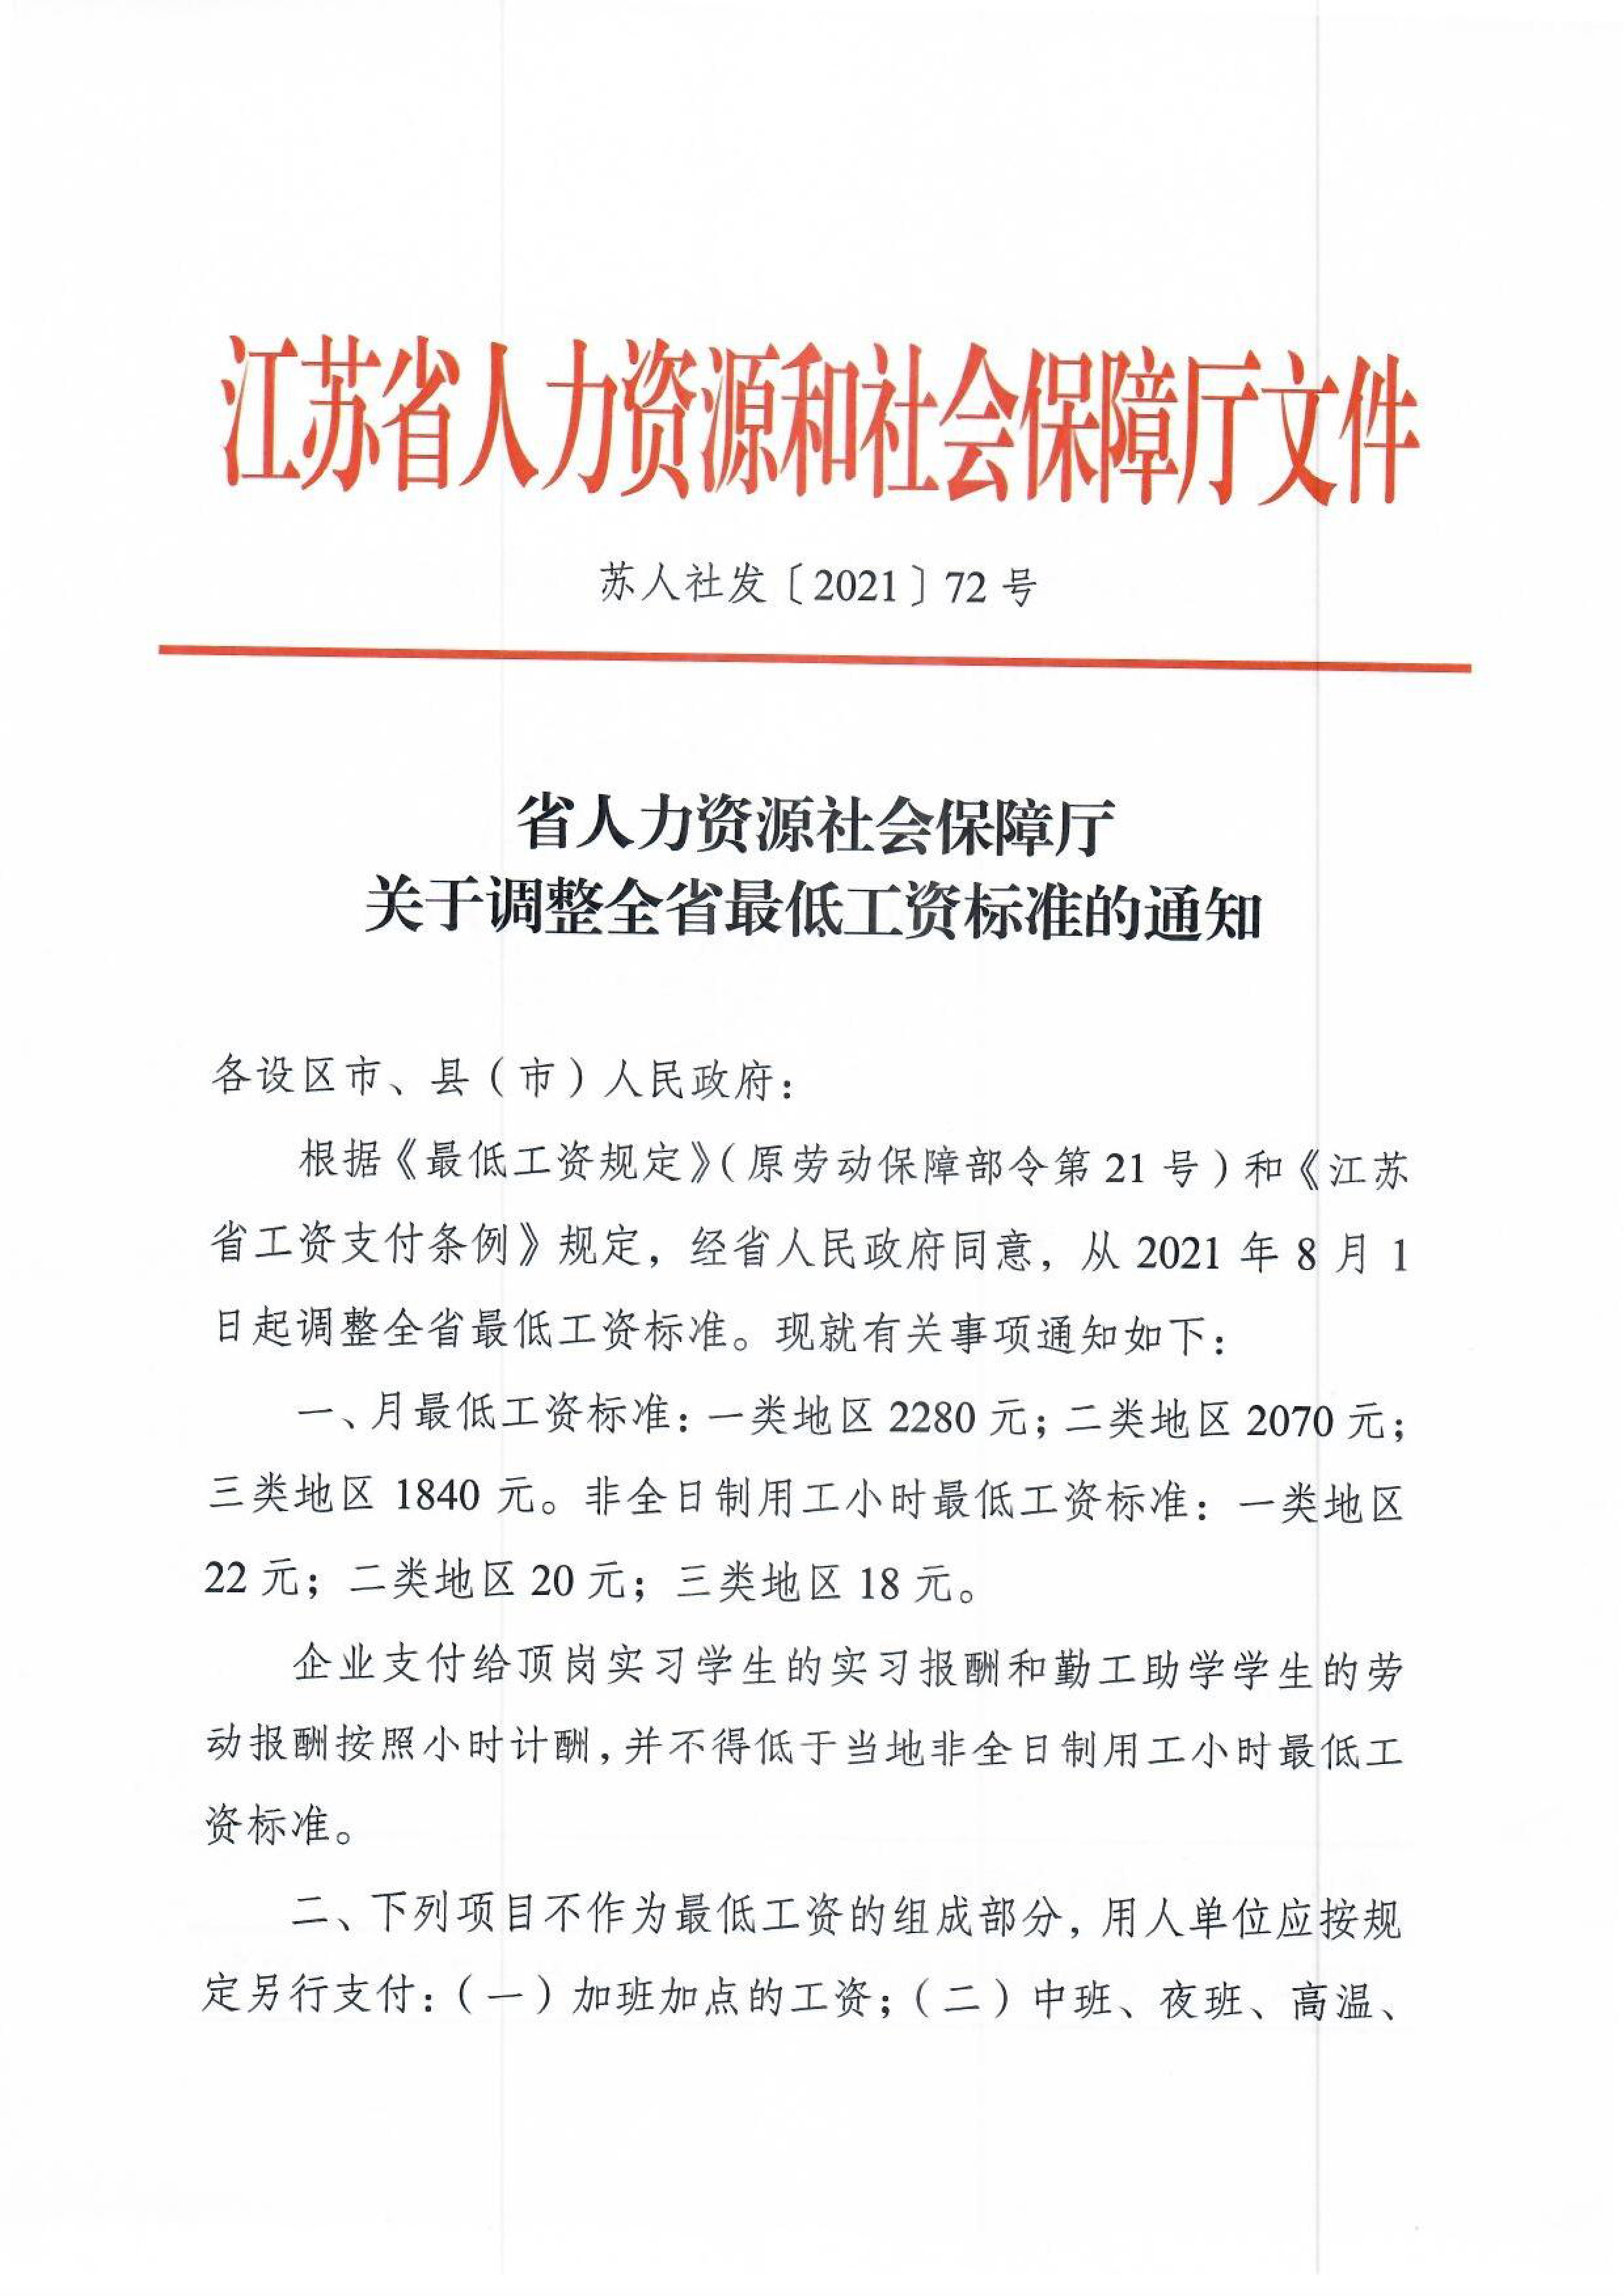 关于调整全省最低工资标准的通知(苏人社发〔2021〕72号)-1.jpg